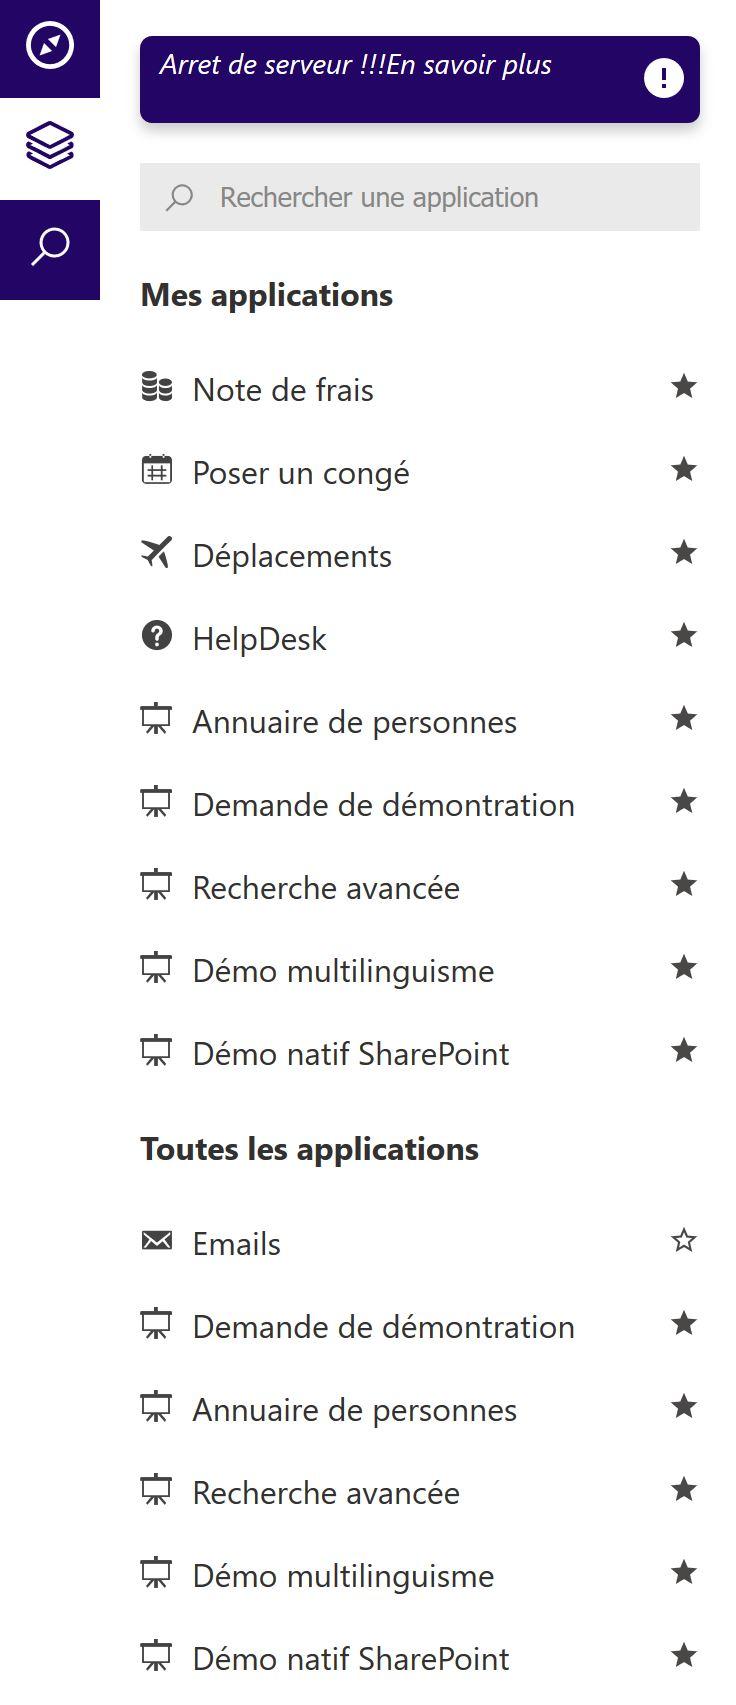 Applications d'entreprise liste intranet